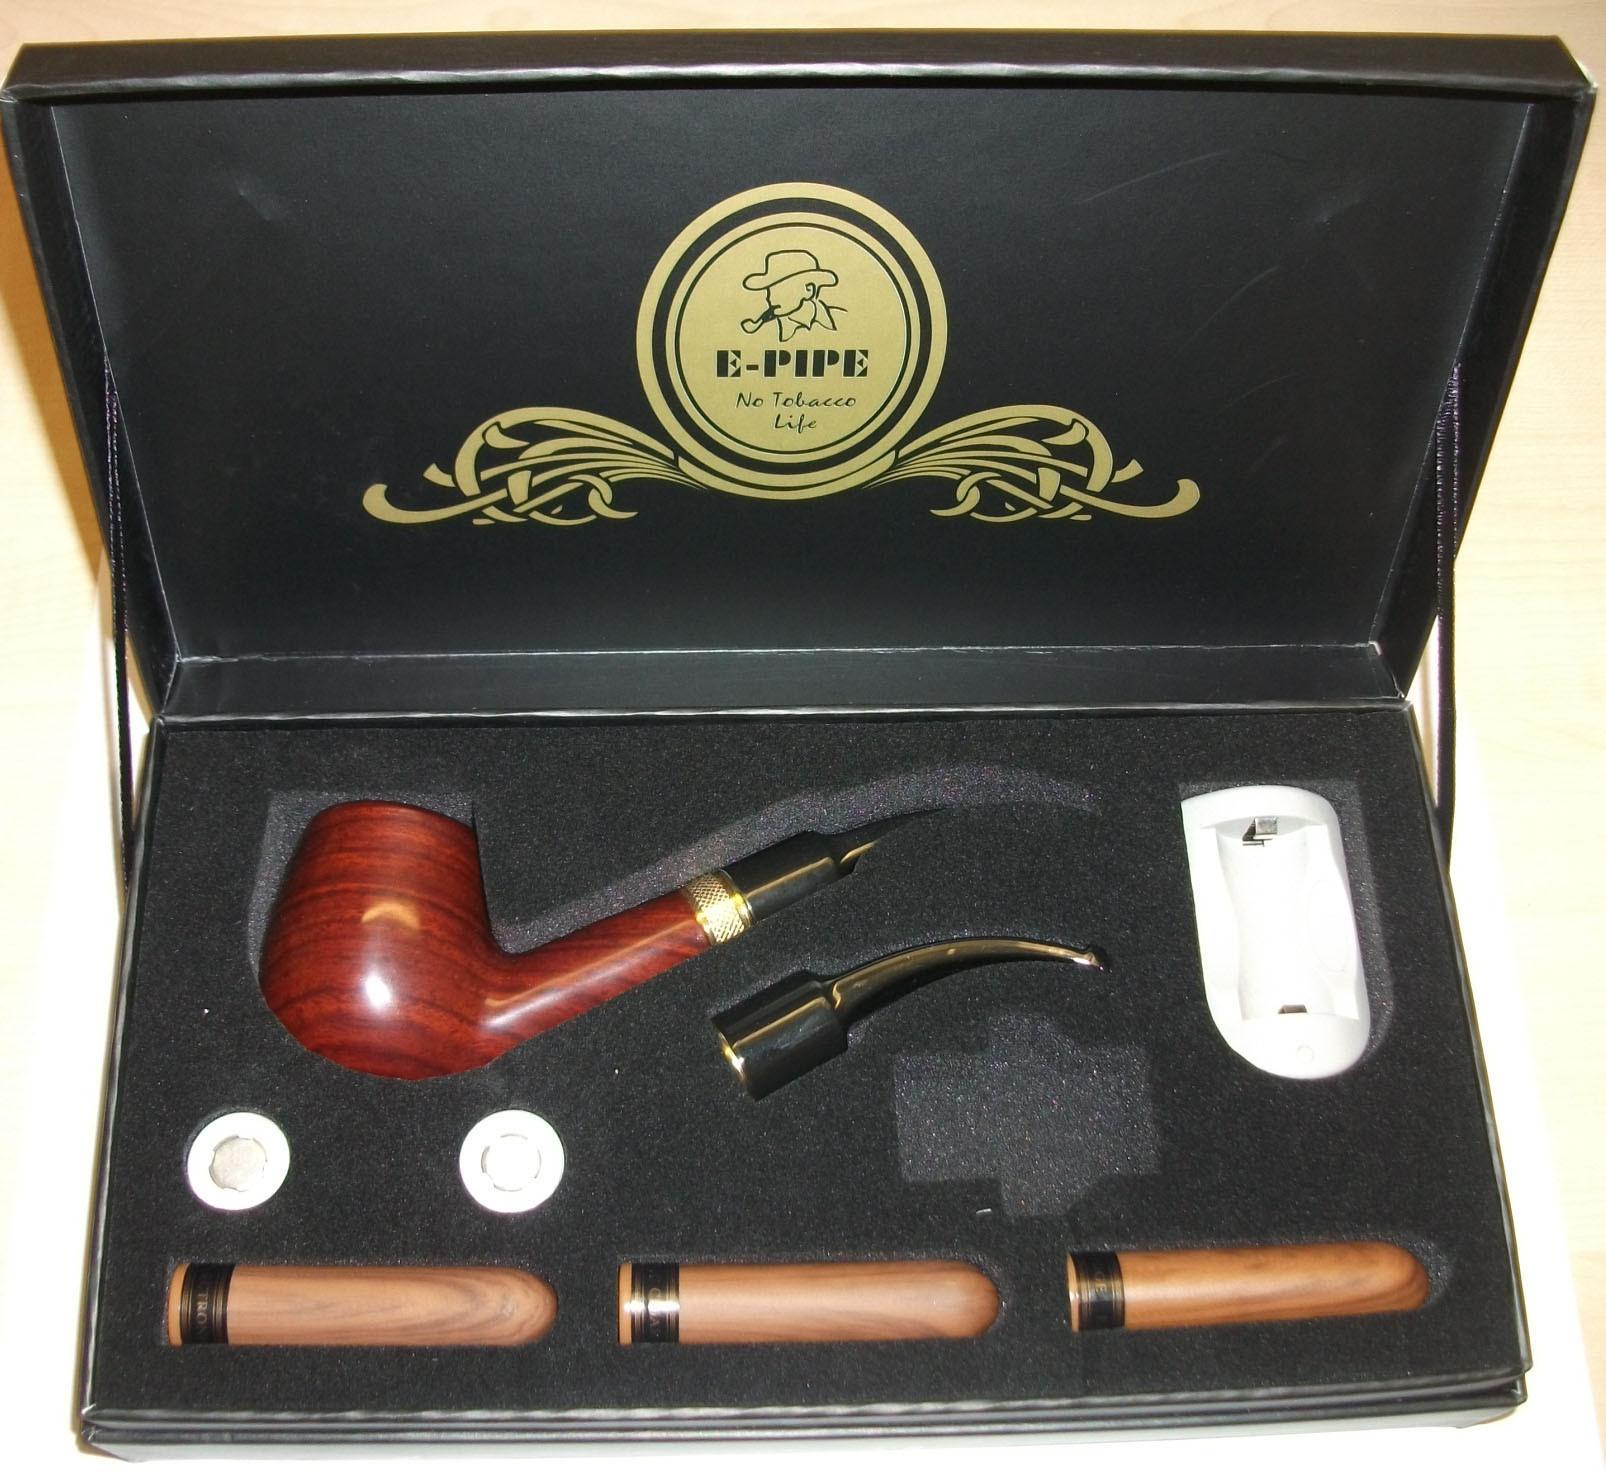 Pipe d'Ecig, E-Pipe d'E-Cigare, pipe électronique 601 –Pipe d'Ecig, E-Pipe d'E-Cigare, pipe ...